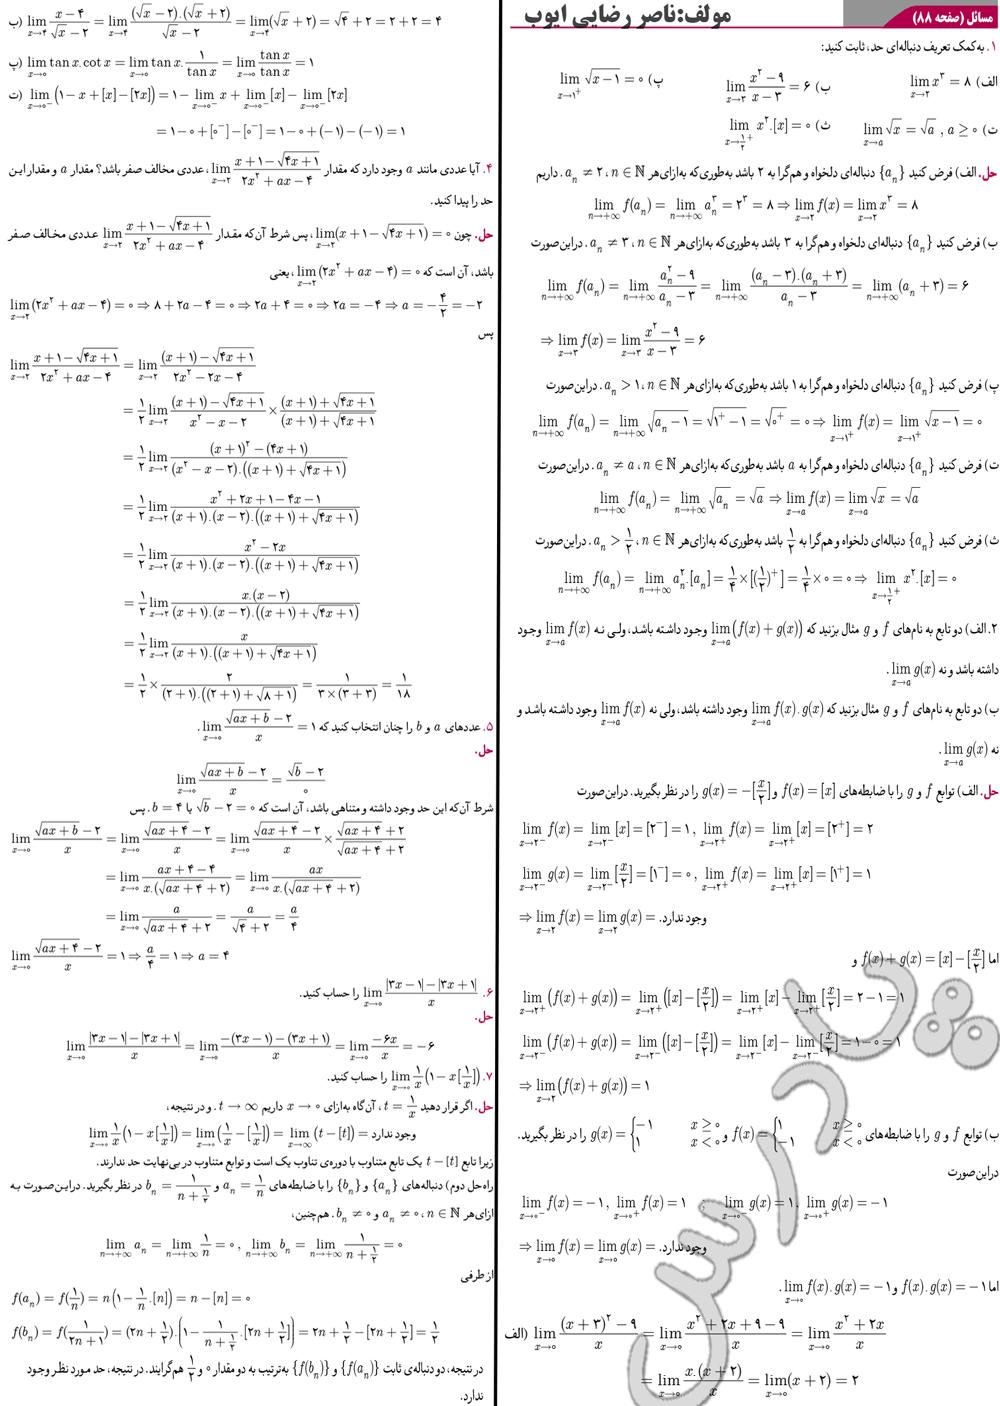 حل مسائل صفحه 88 دیفرانسیل پیش دانشگاهی